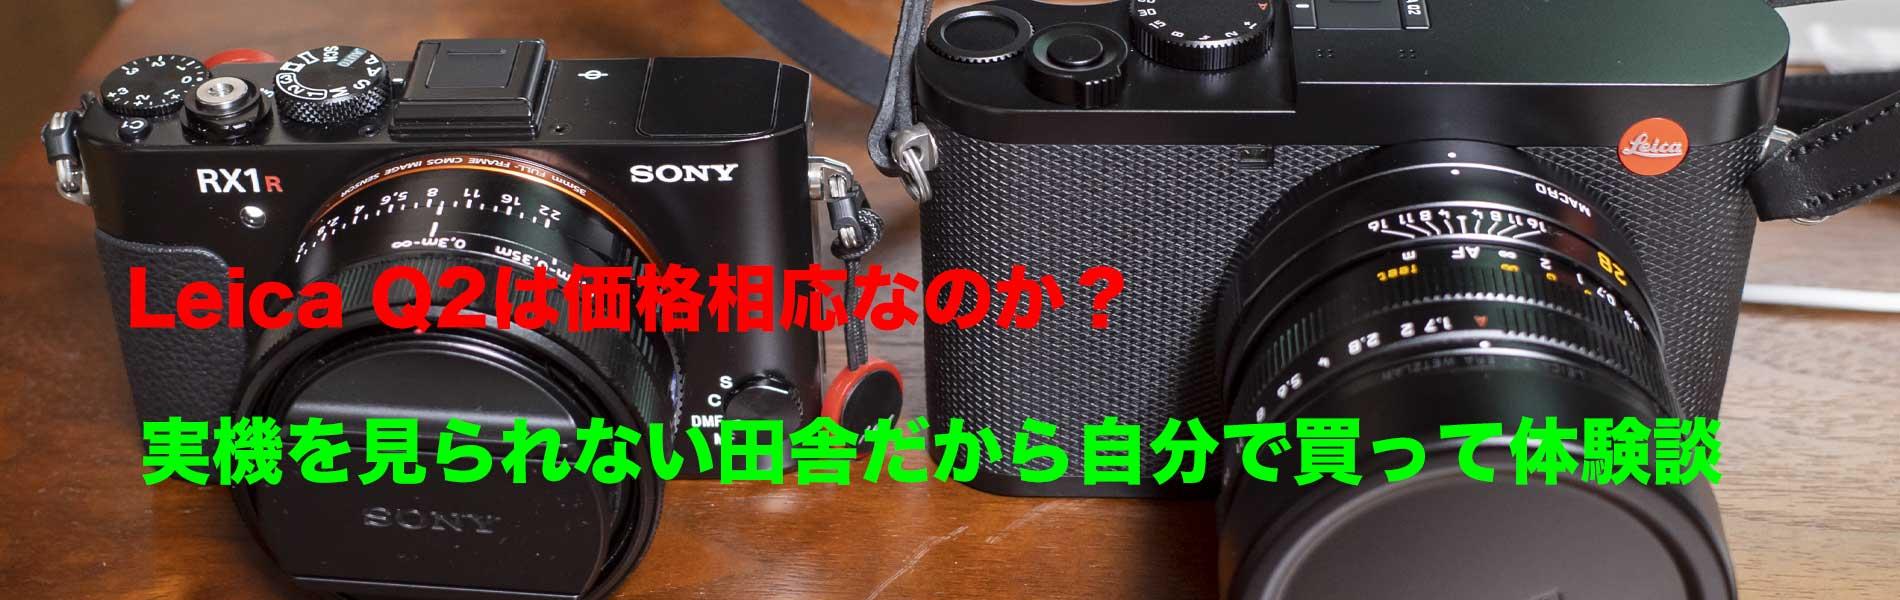 Leica Q2とRX1RM2を比べた